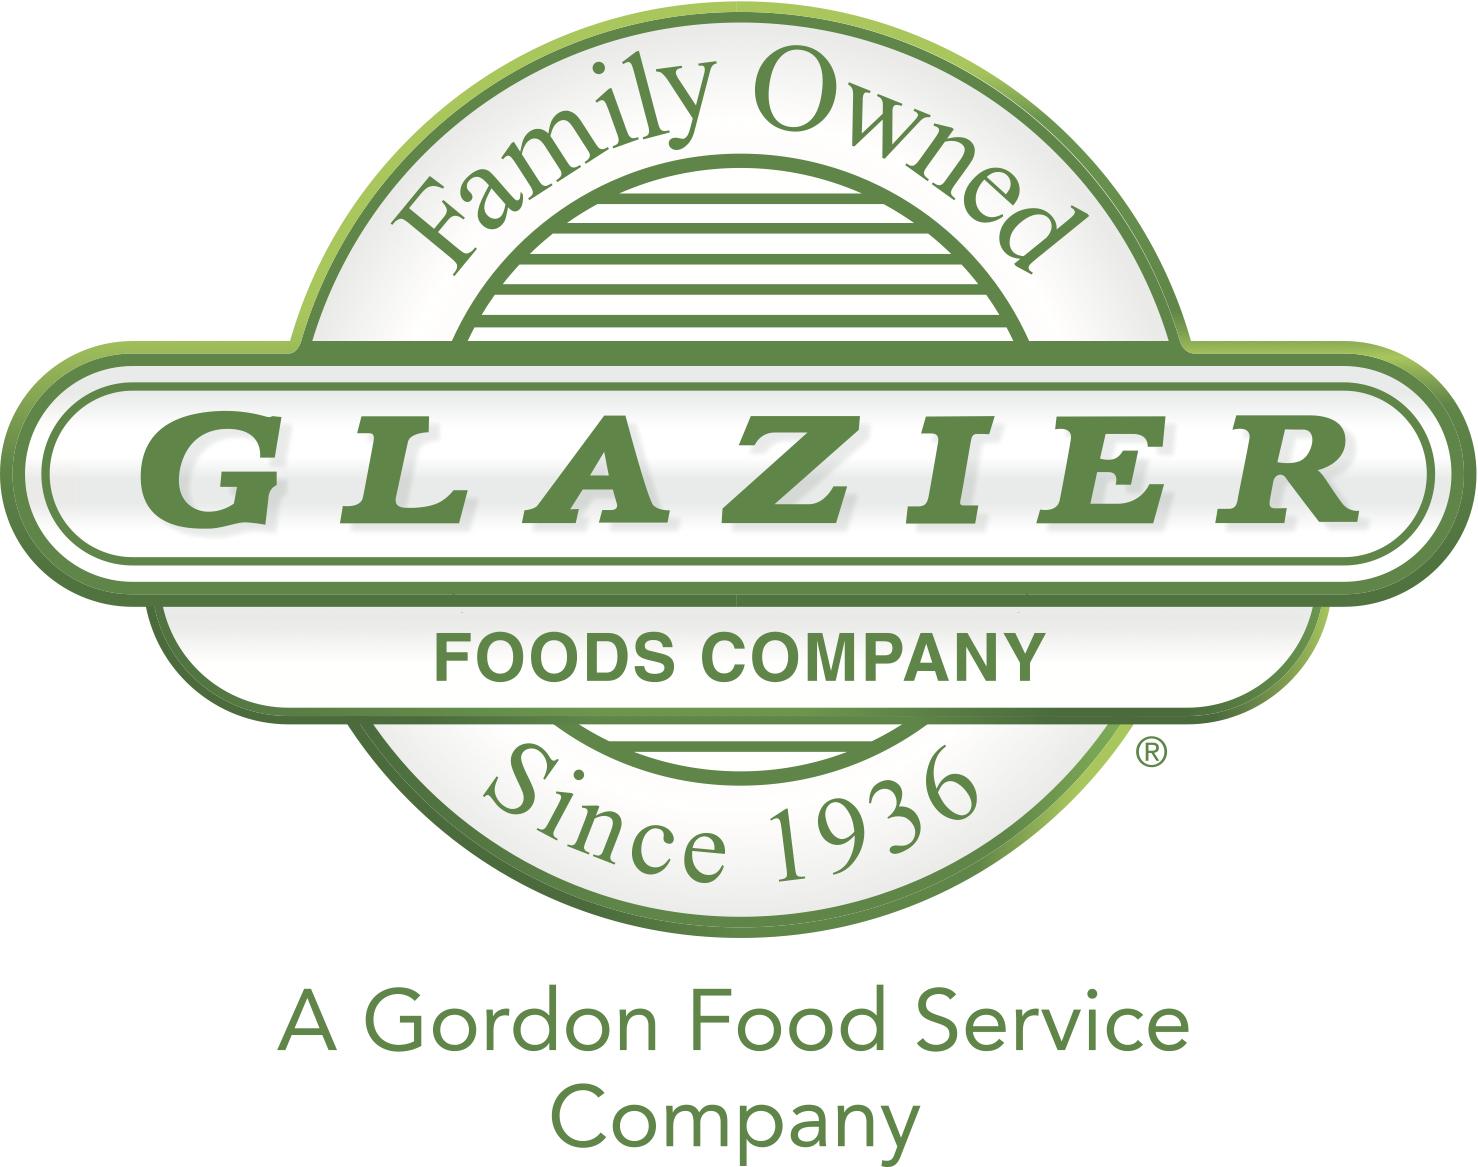 Glazier Foods Company